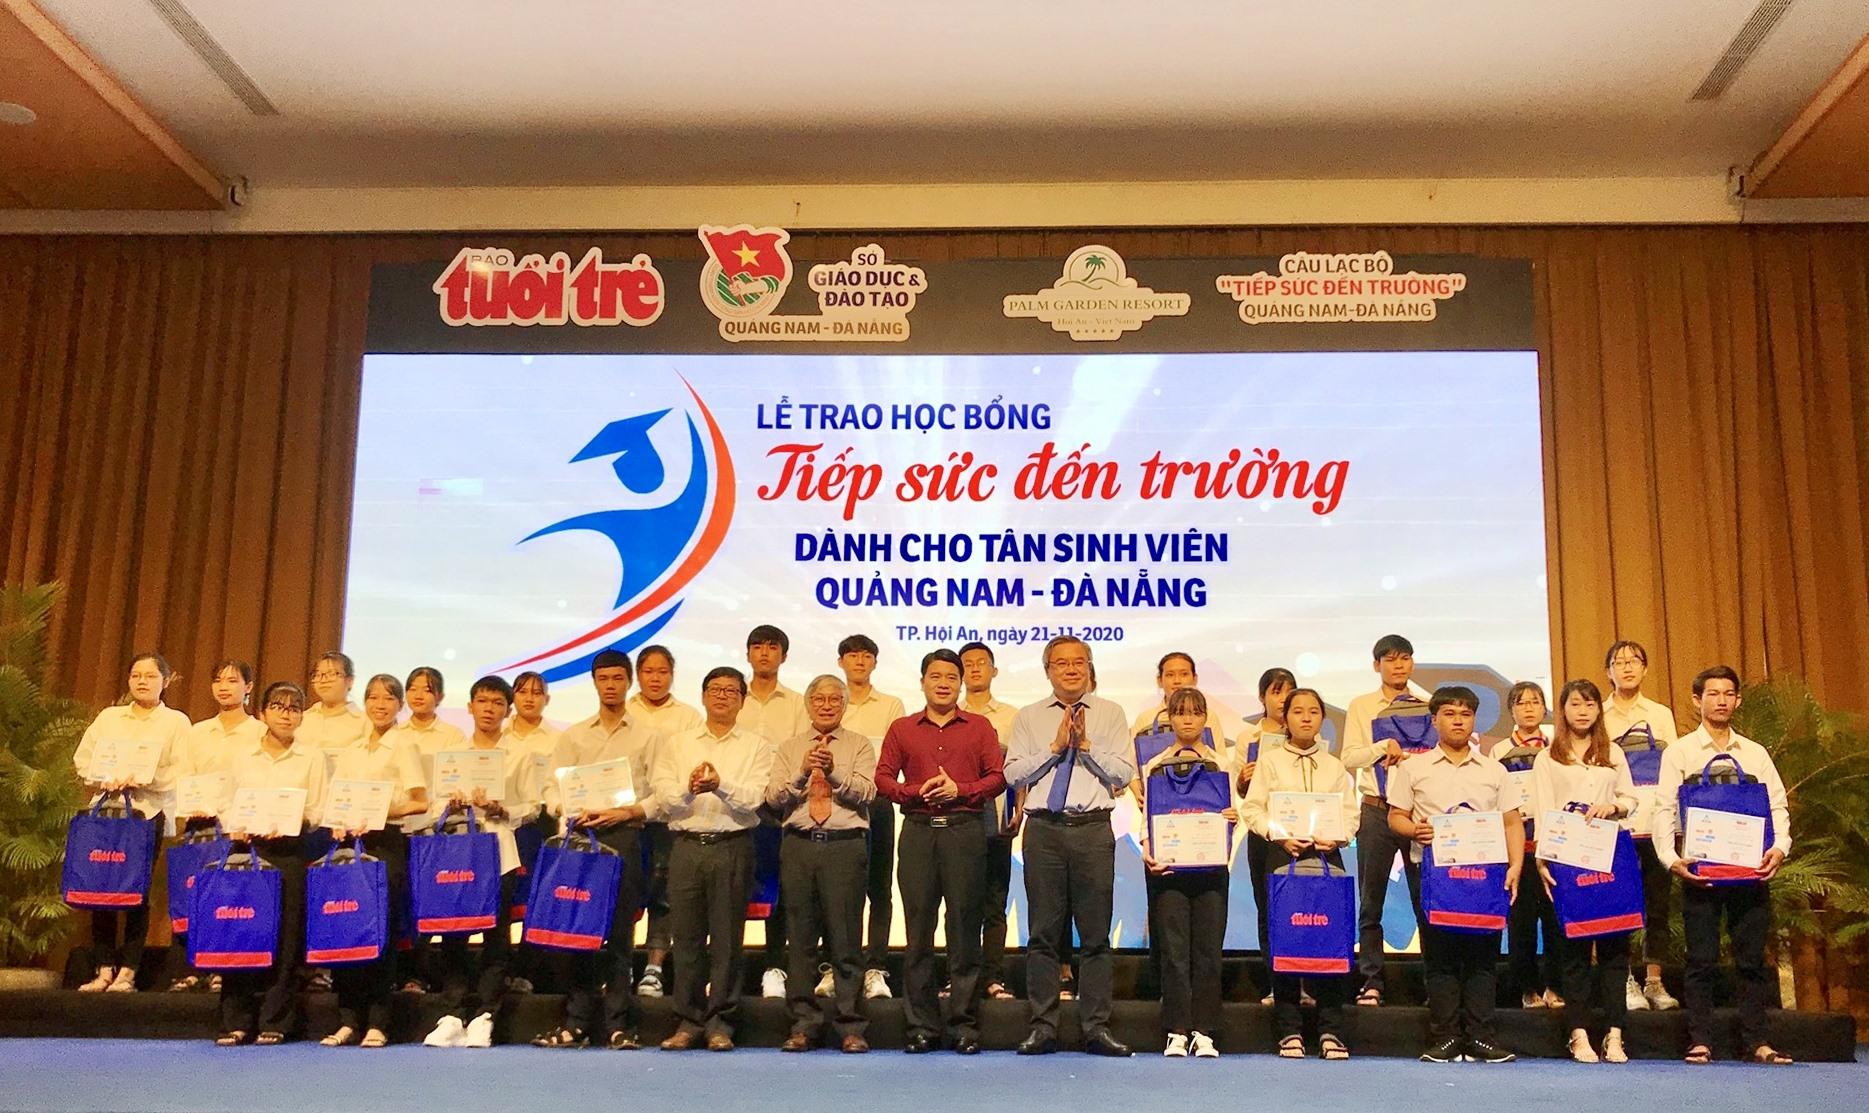 Có 150 tân sinh viên Quảng Nam - Đà Nẵng nhận được học bổng đợt này. Ảnh: Q.T